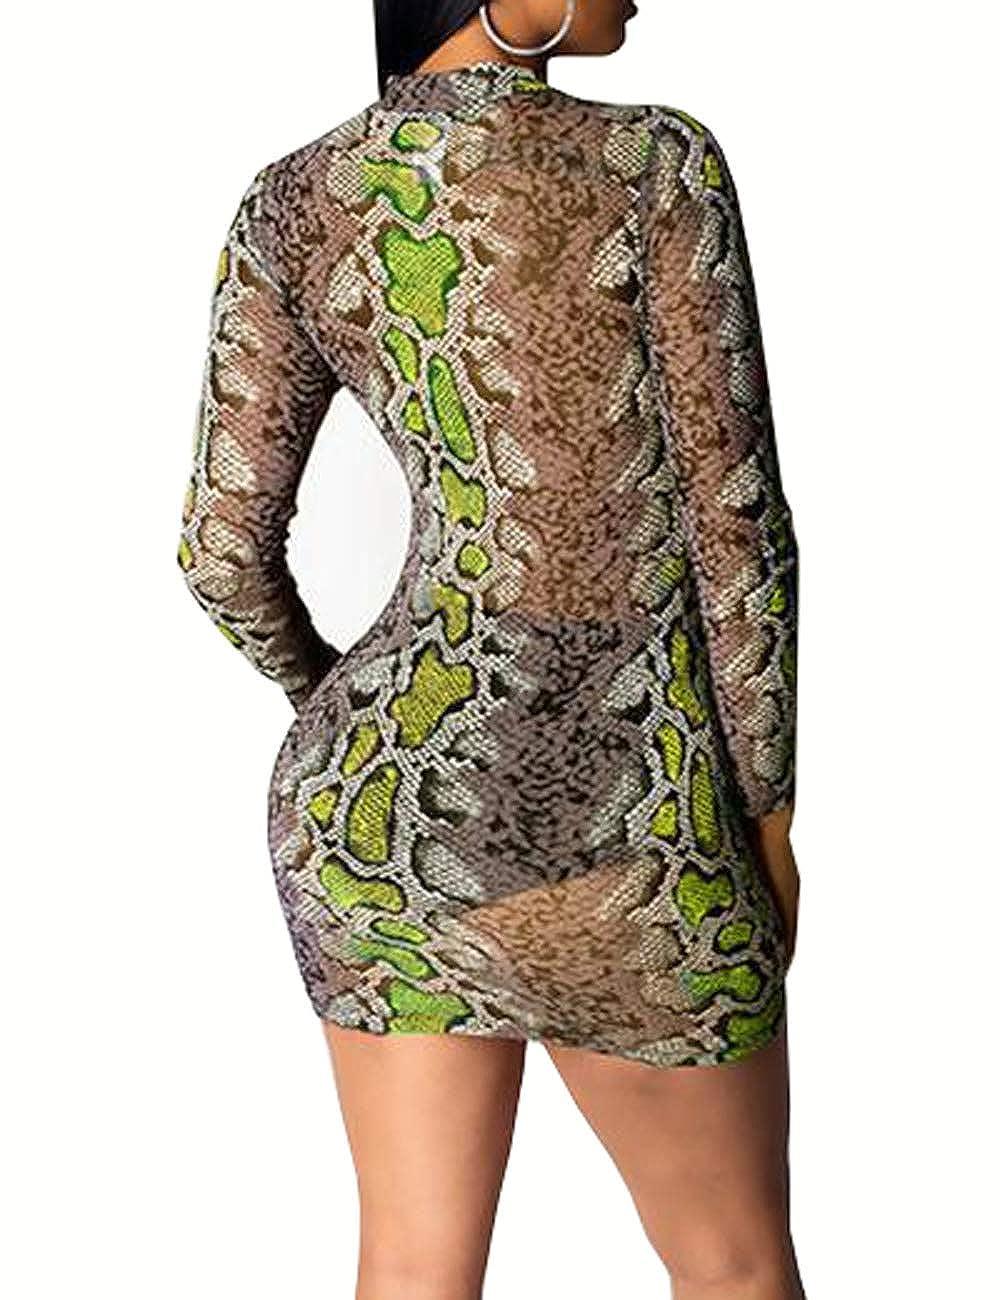 Mini Abito a Maniche Lunghe ShinyAmber Vestito Aderente da Donna con Stampa a Serpente in Rete Trasparente